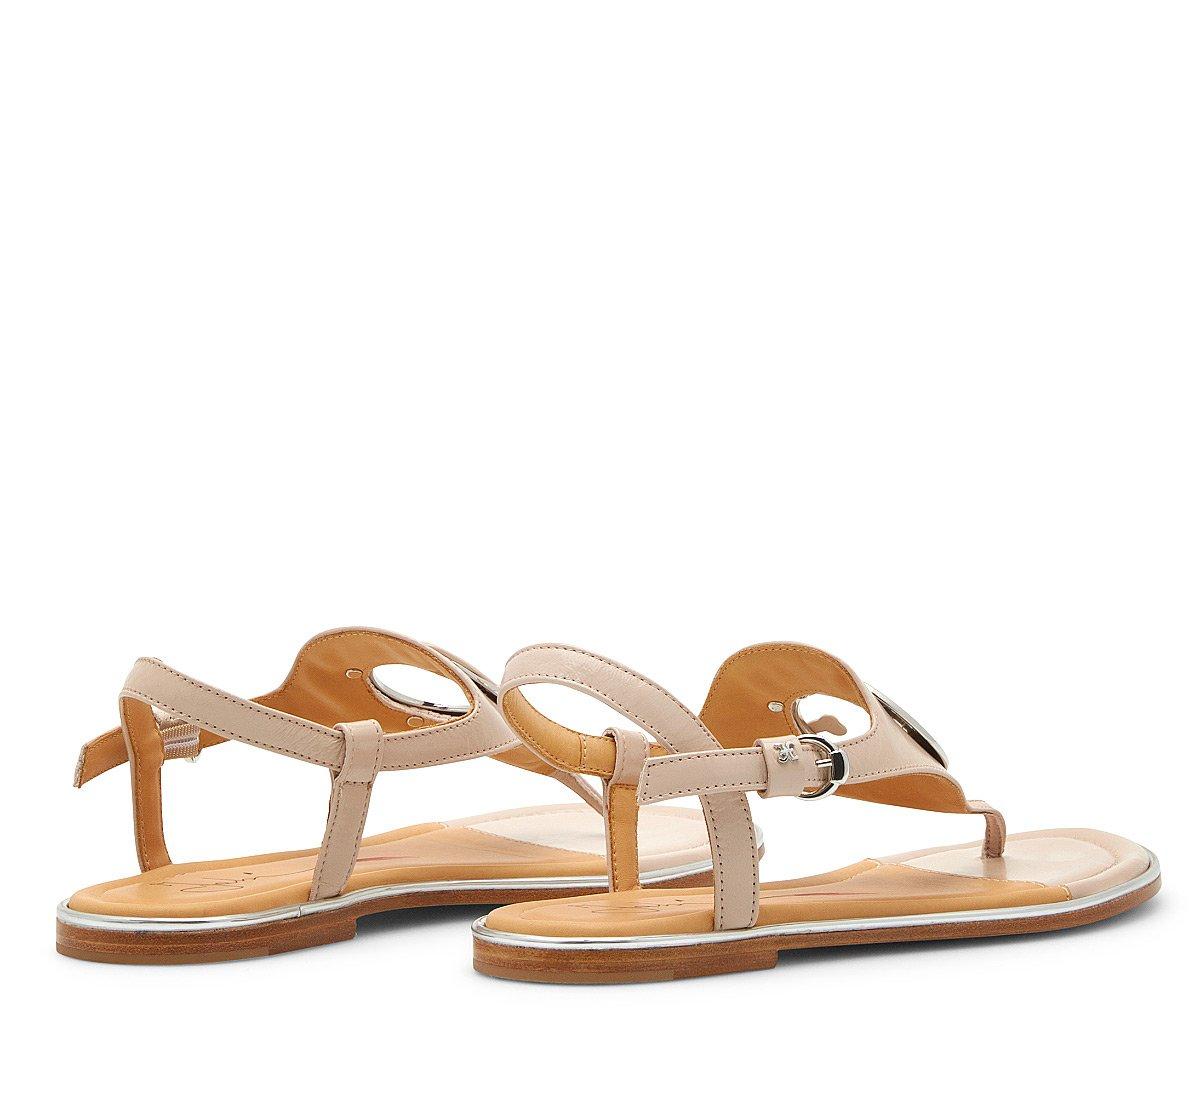 Sandalo Fabi Oblo in nappa